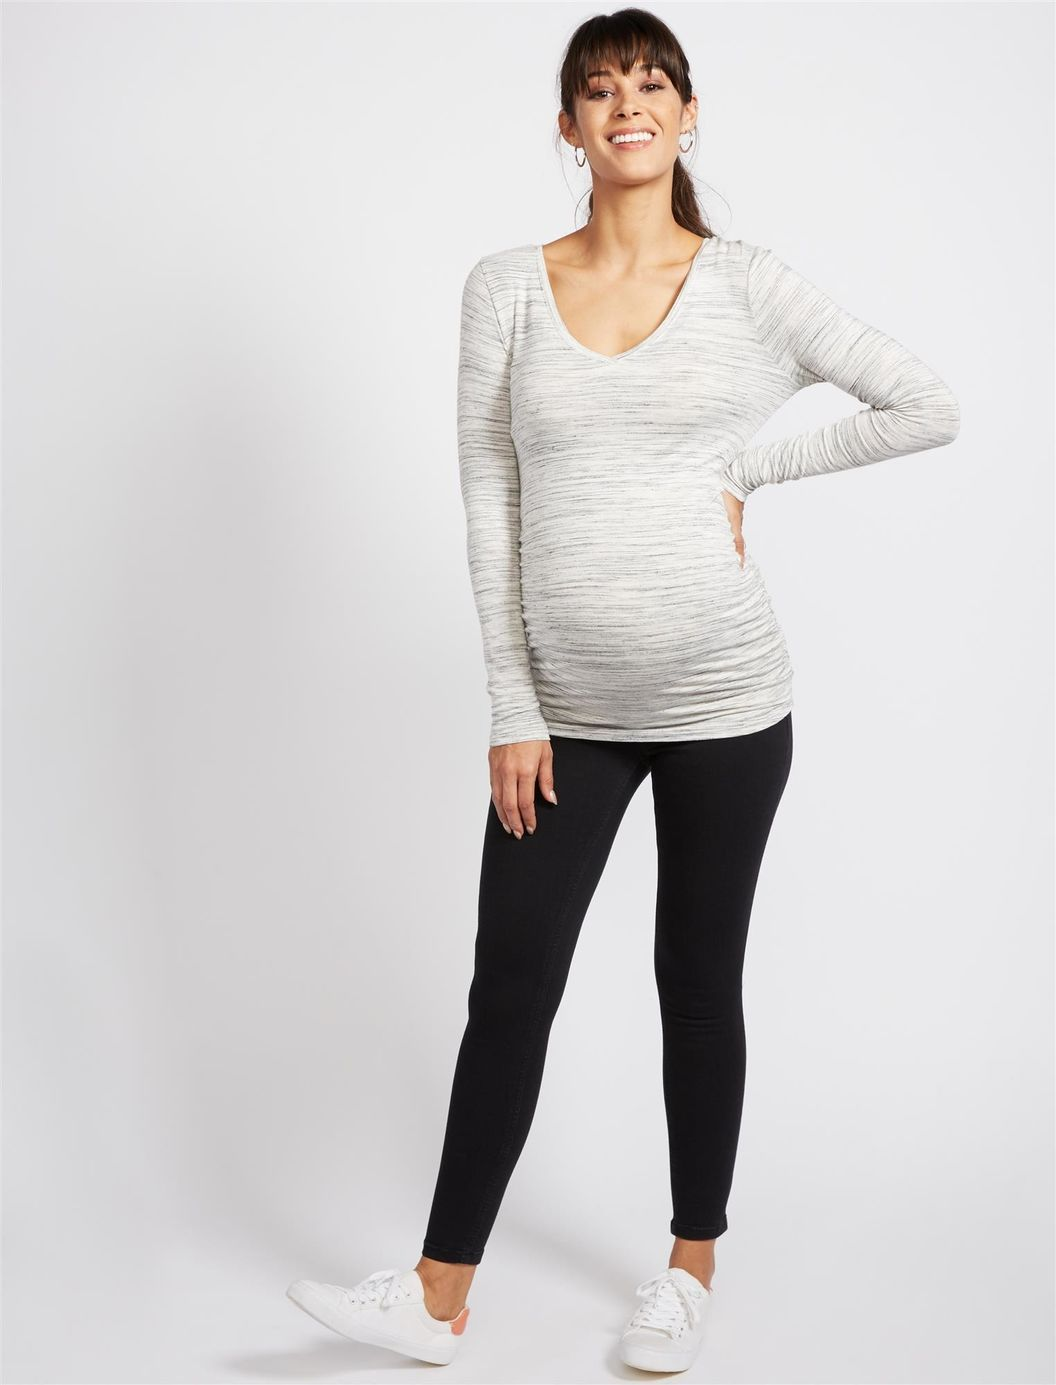 09453da4942d9 Secret Fit Belly Skinny Maternity Ankle Jeggings | Motherhood Maternity  Pregnancy Looks, Maternity Wear,